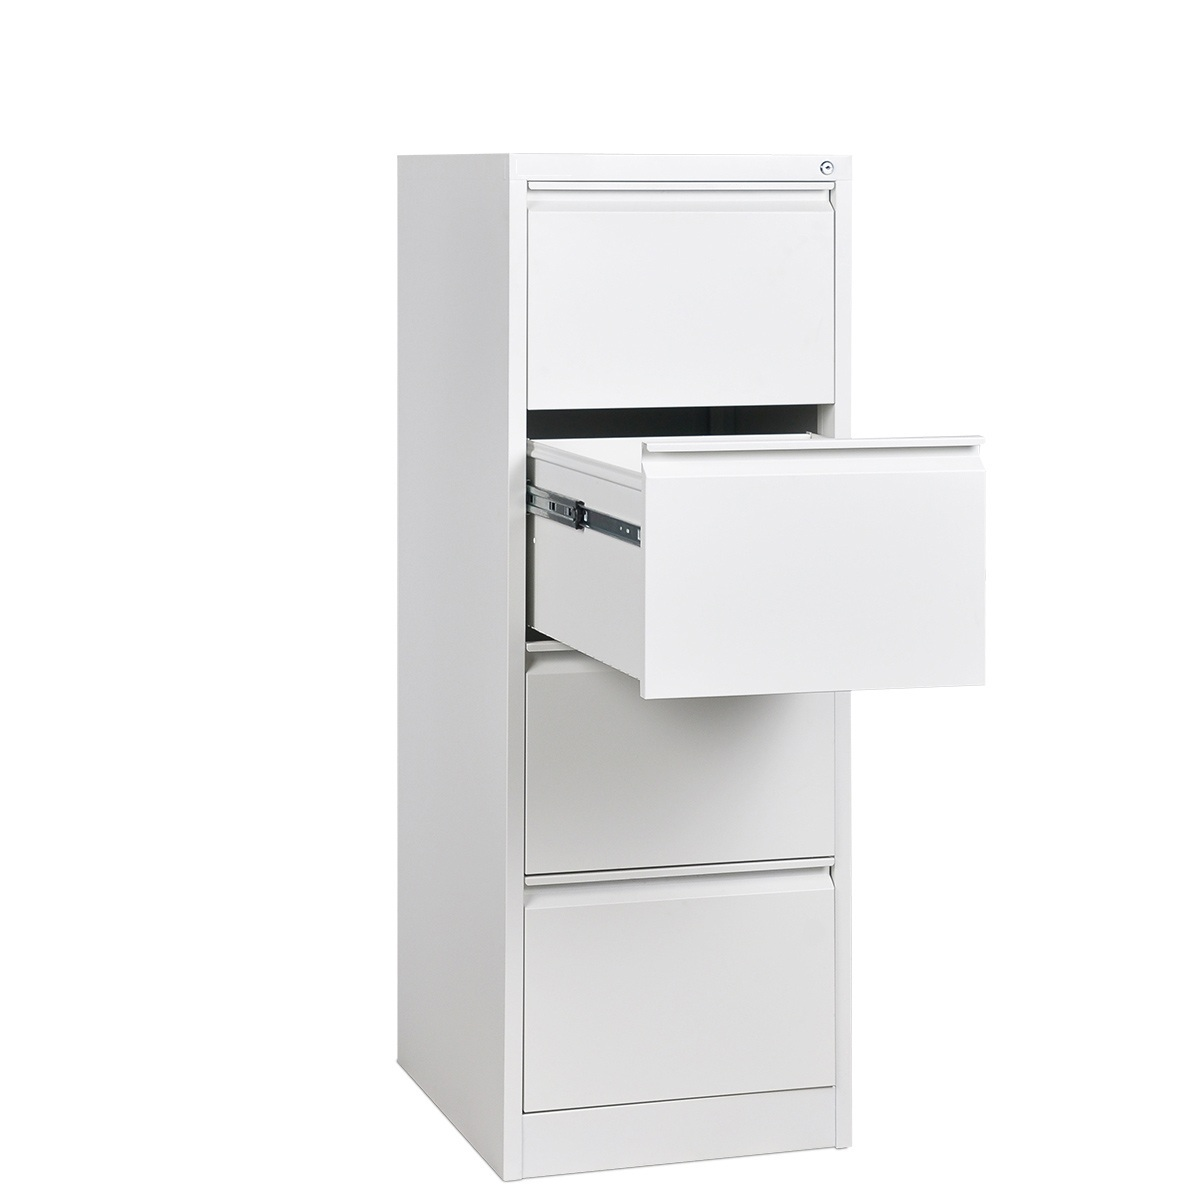 Tủ hồ sơ ngăn kéo Drawer Vertical Filing Cabinet - HUADU - HDK - F04